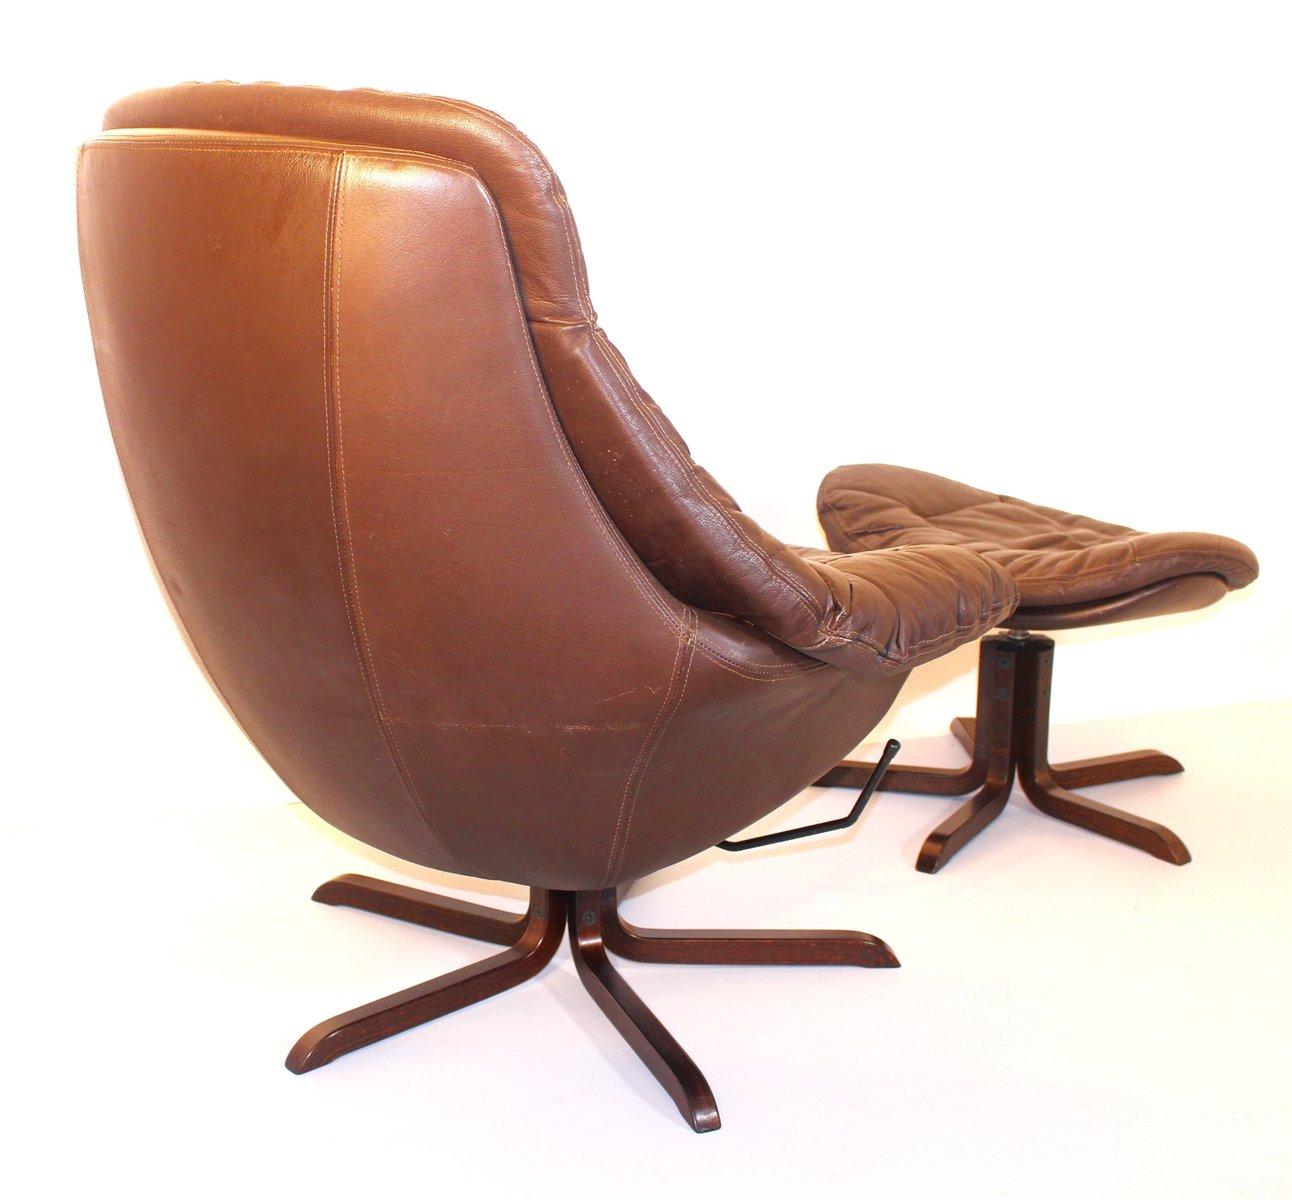 leder lounge sessel mit fu hocker von h w klein 1970er. Black Bedroom Furniture Sets. Home Design Ideas